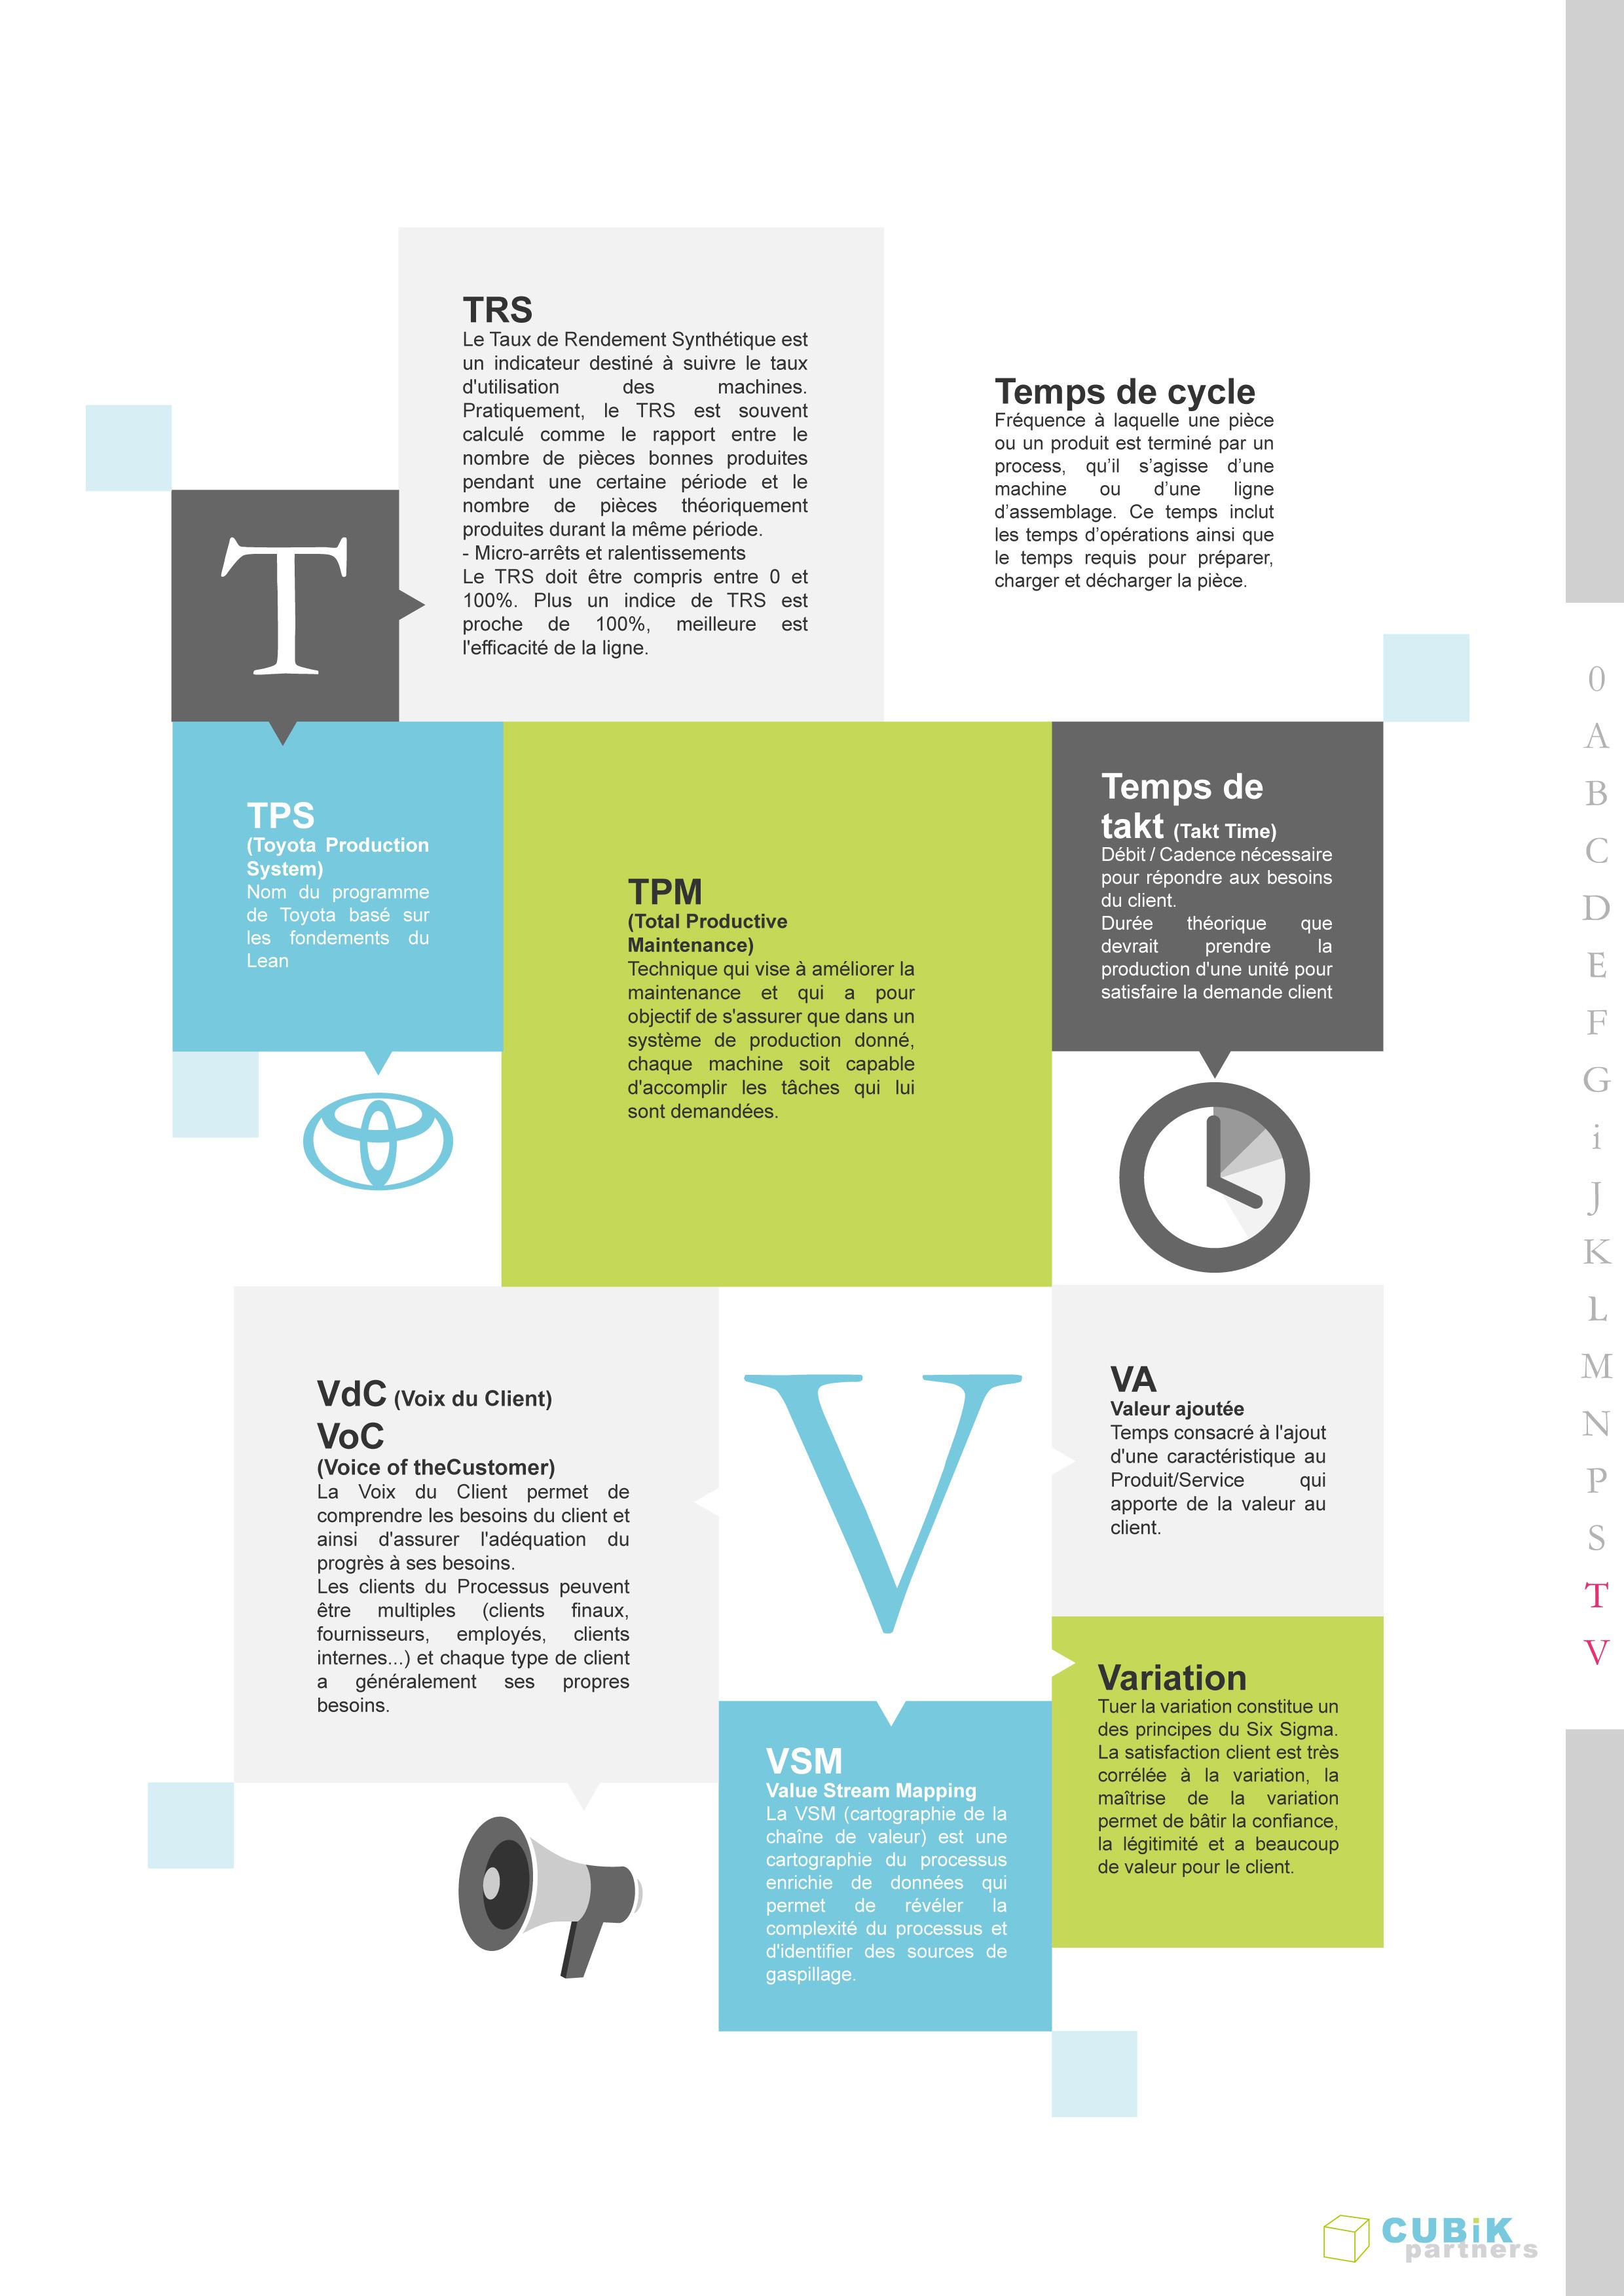 definition-glossaire-excellence-operationnelle-tps-tpm-trs-vsm-temps-de-cycle